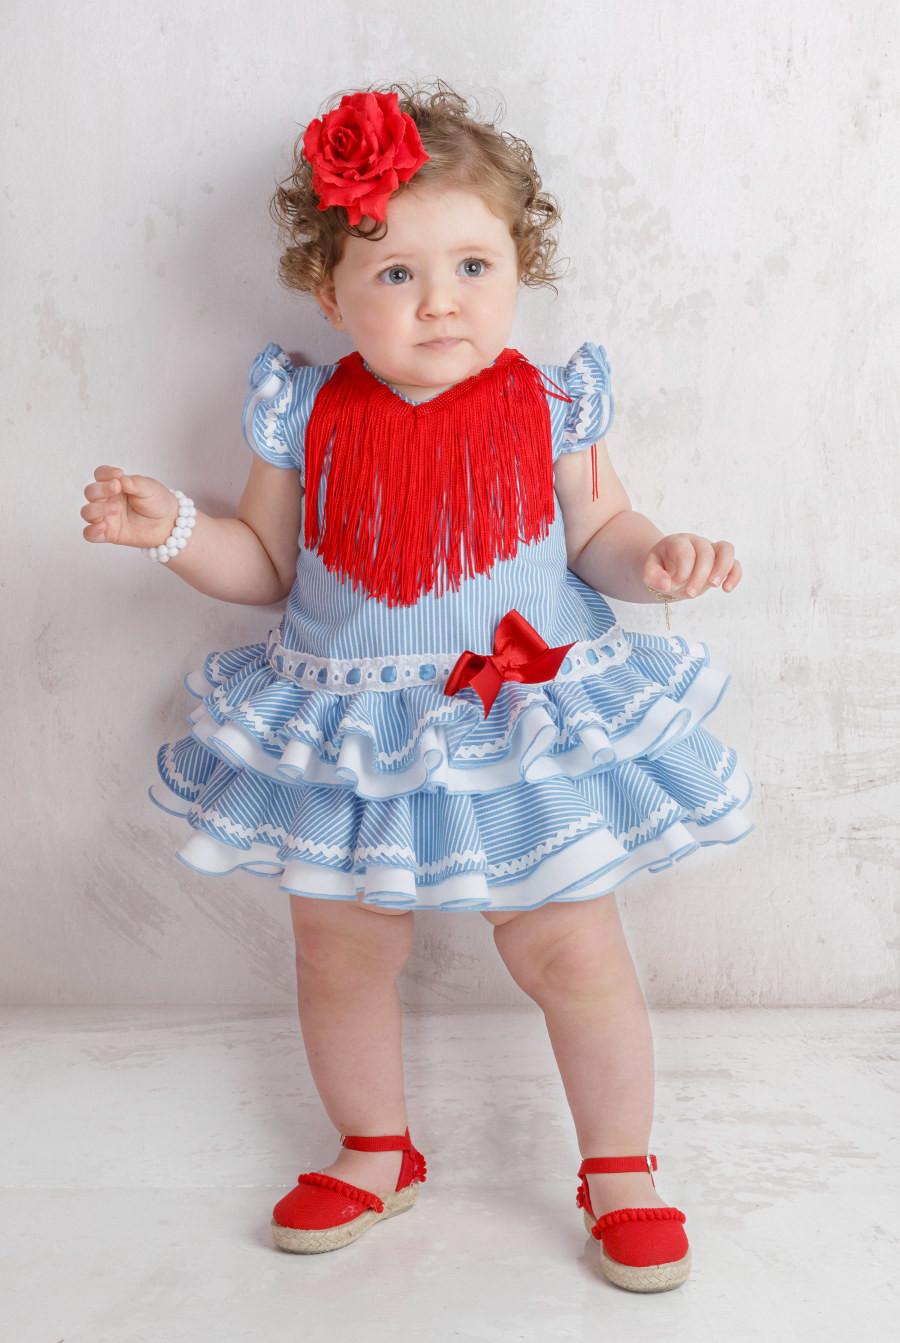 niña con flamenca para bebé de color celeste con rayas blancas pequeñas -  Mibebesito ae5b6d9396f0